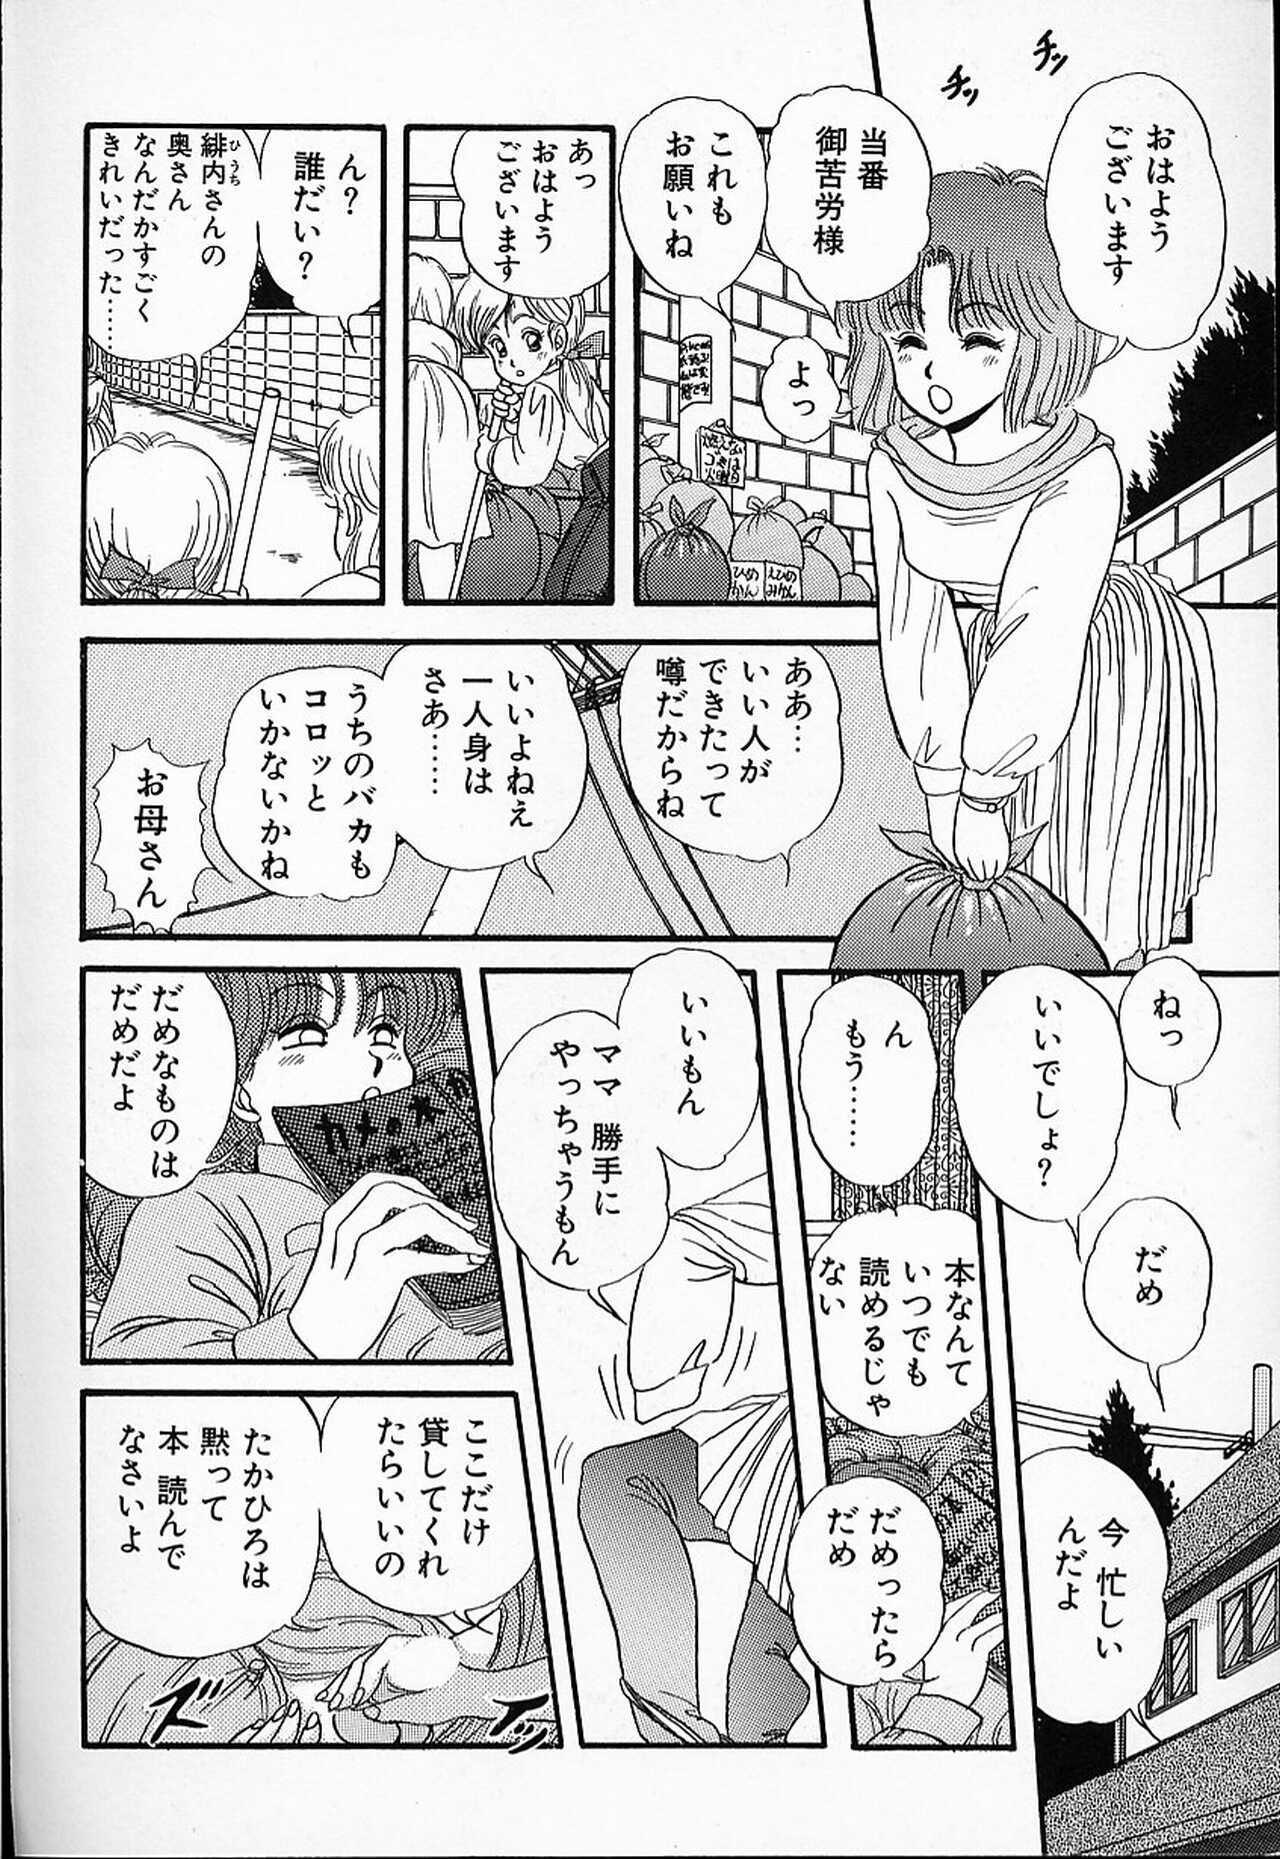 DOKU KINOKO 1 154